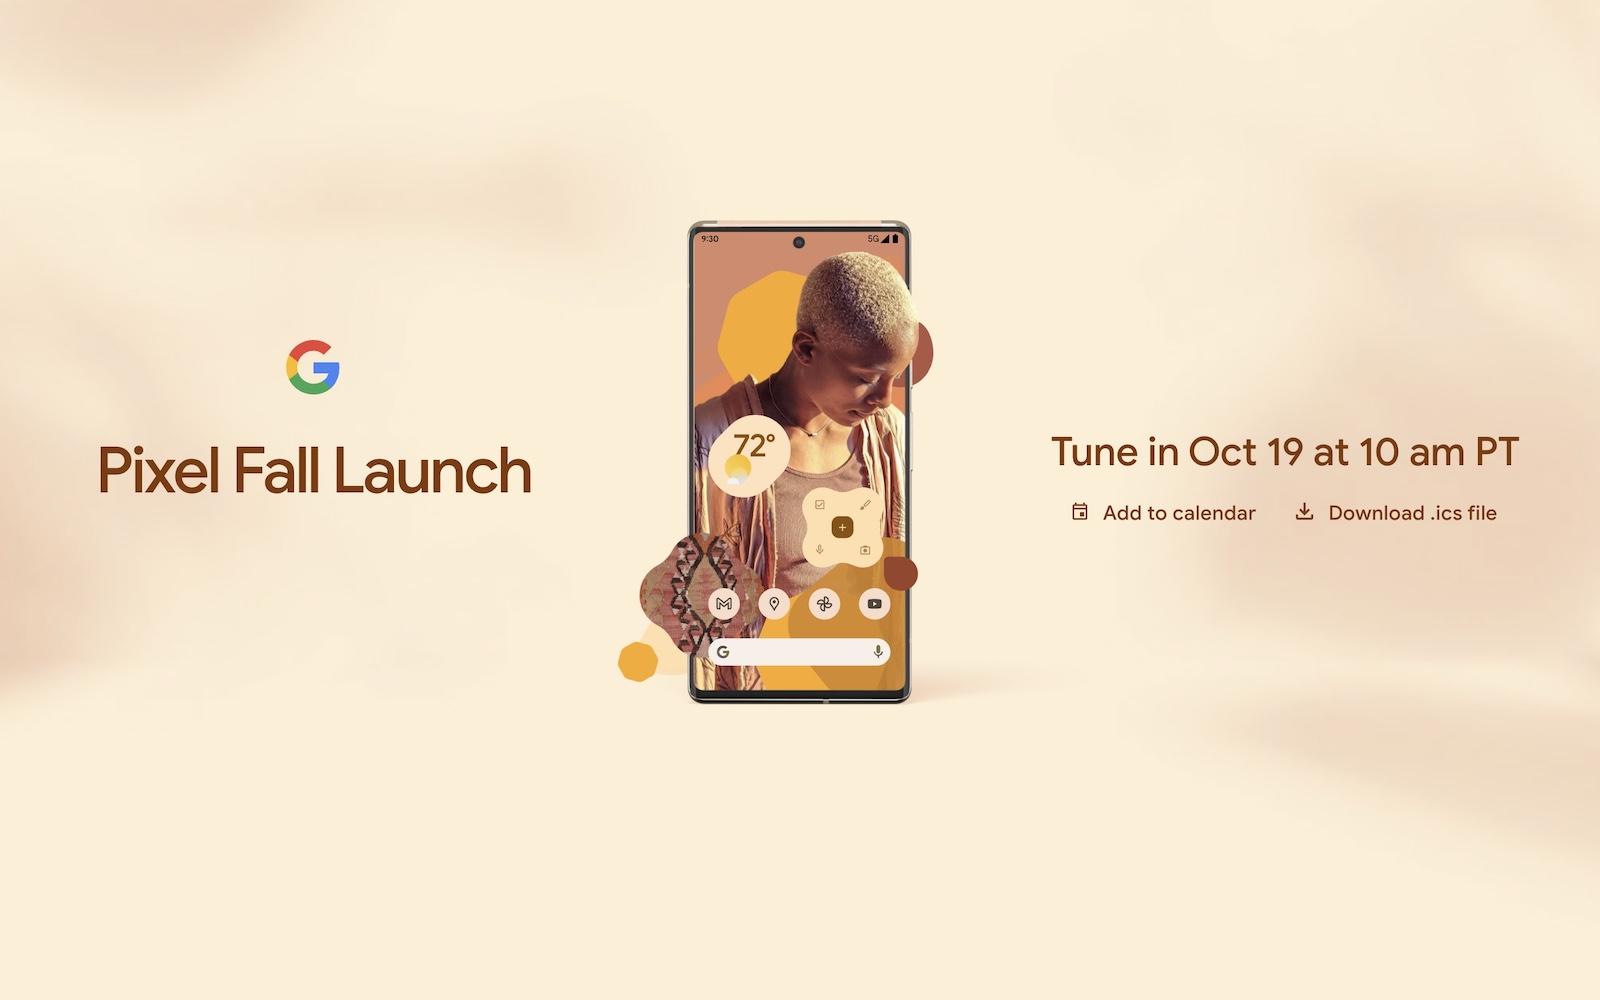 Google pixel press event